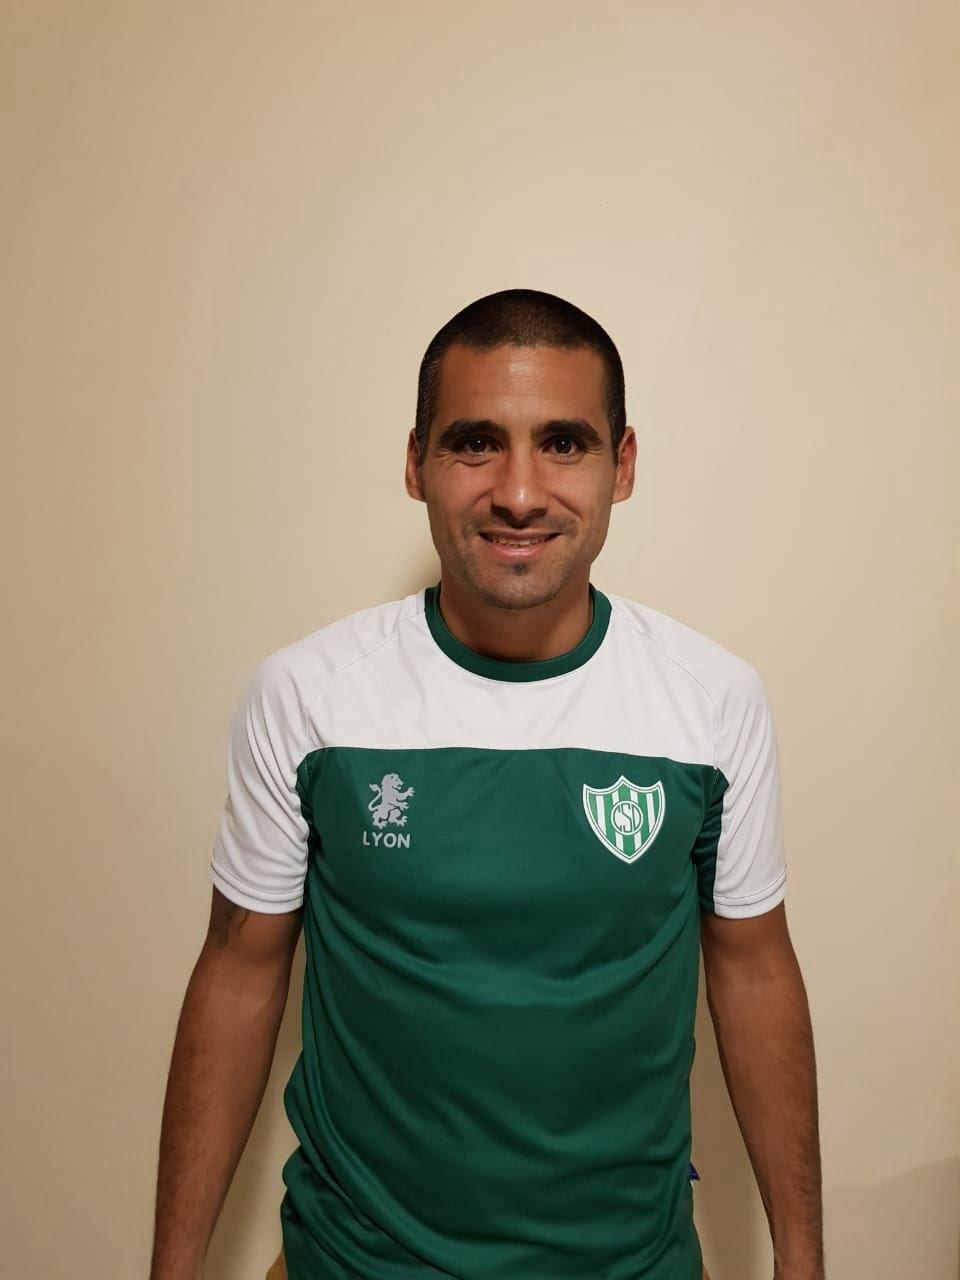 Pablo Andrés Aguilar